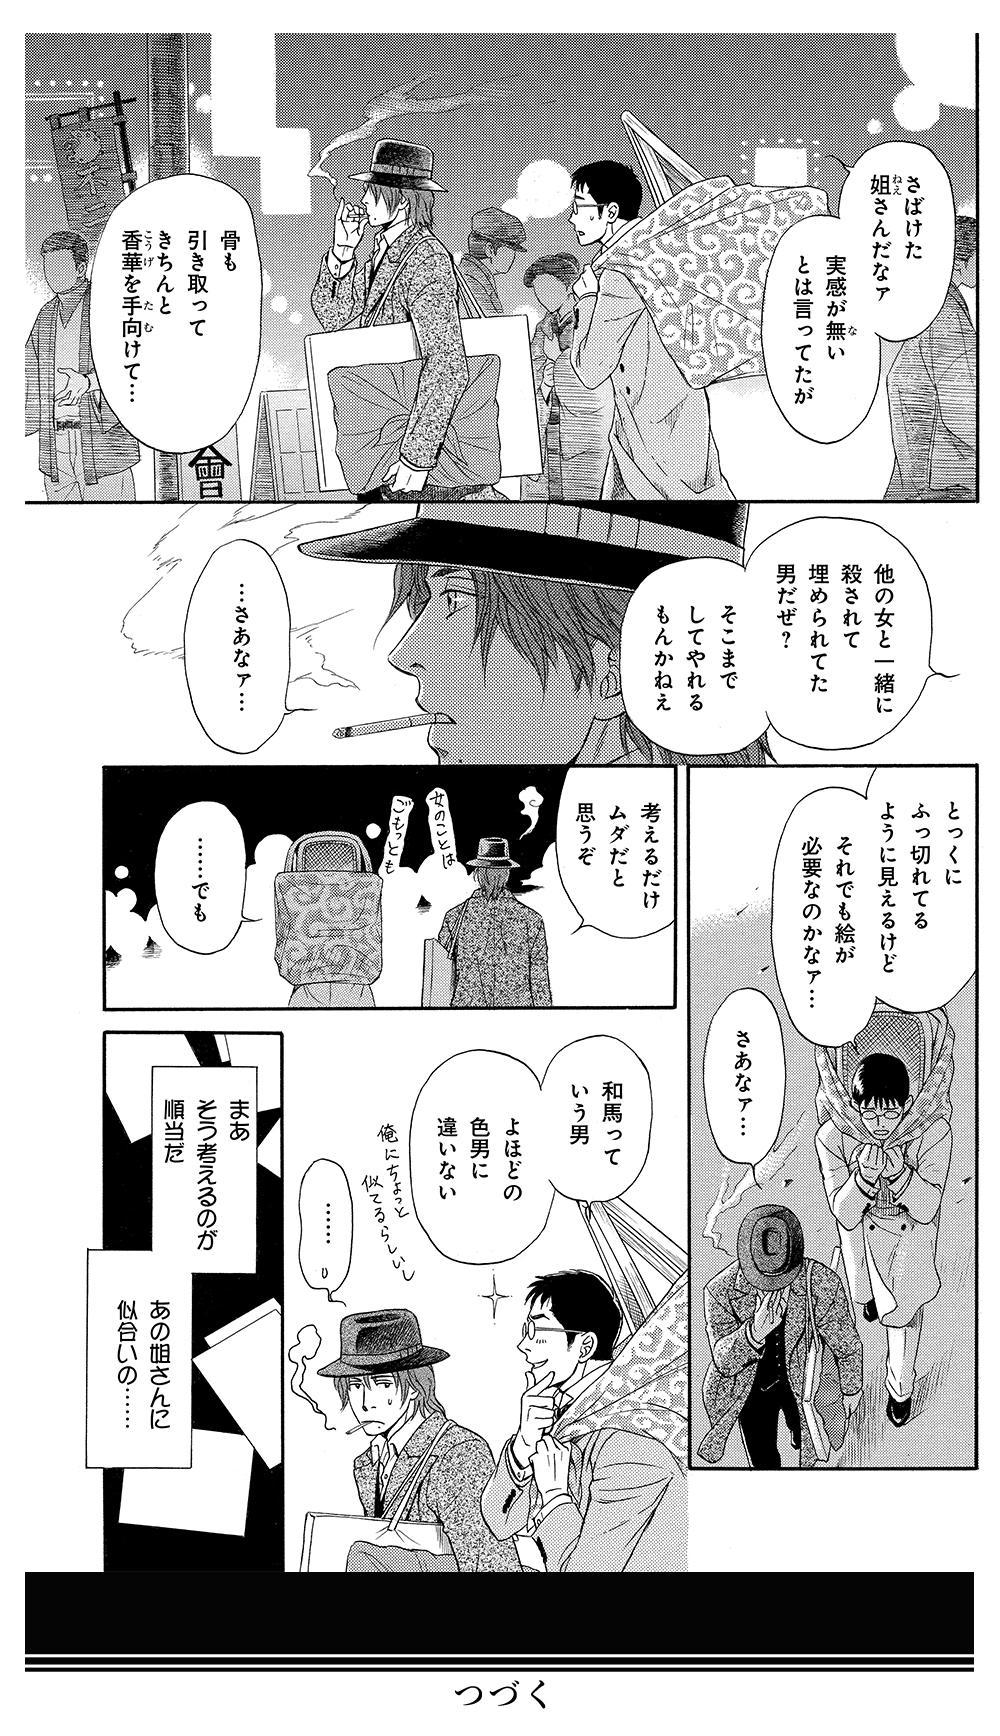 鵼の絵師 第2話「おきみやげ」①nue03-15.jpg